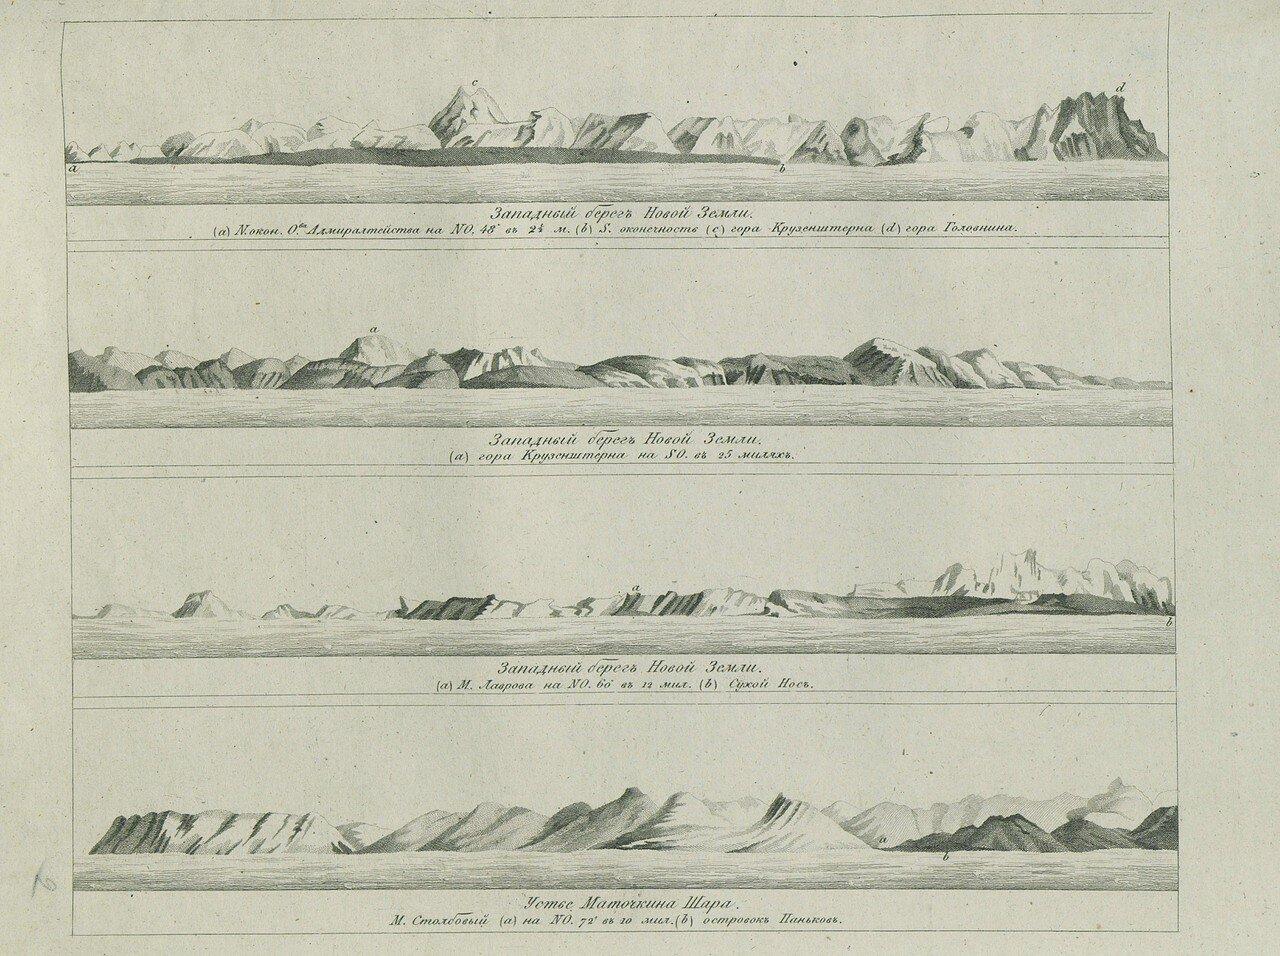 Западный берег Новой Земли и  устье Маточкина Шара